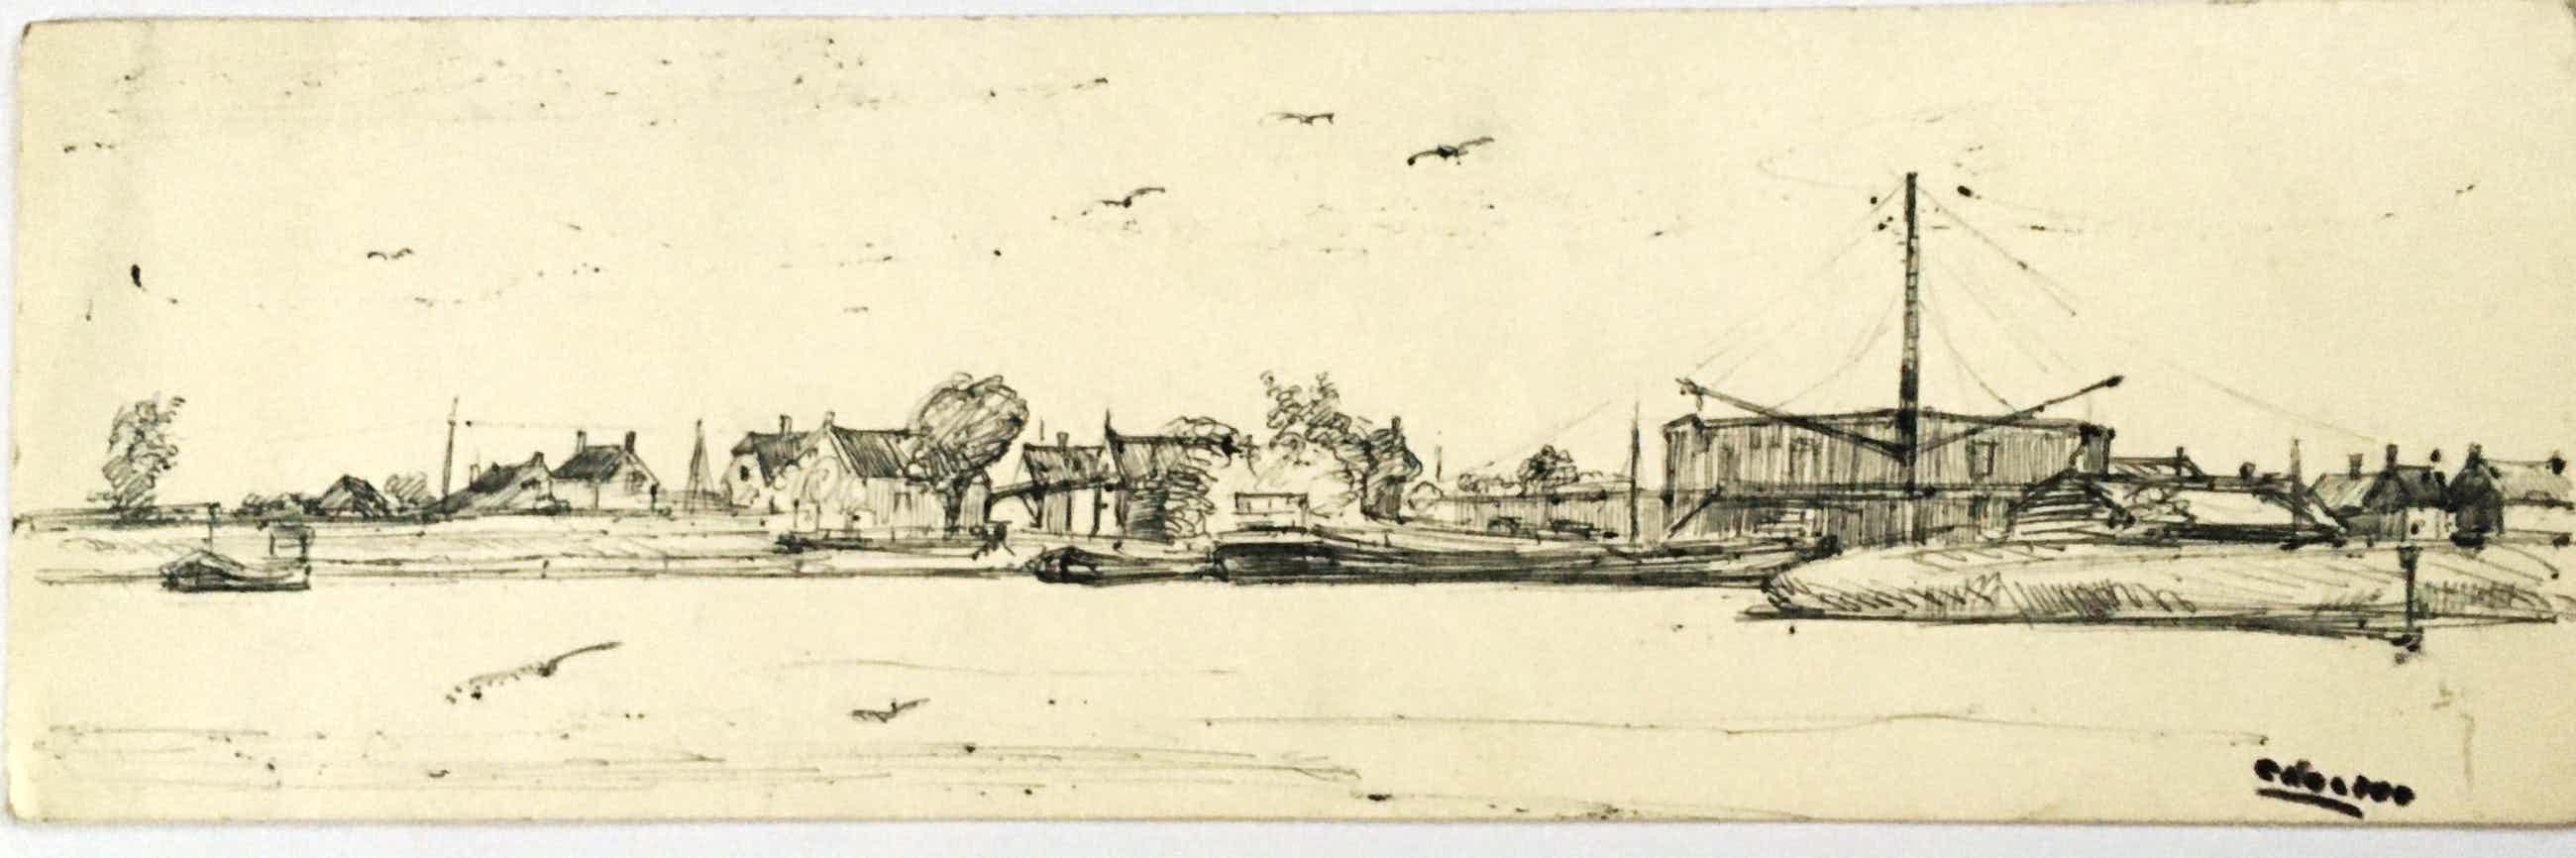 Cor Noltee - Tekening omgeving Dordrecht kopen? Bied vanaf 139!